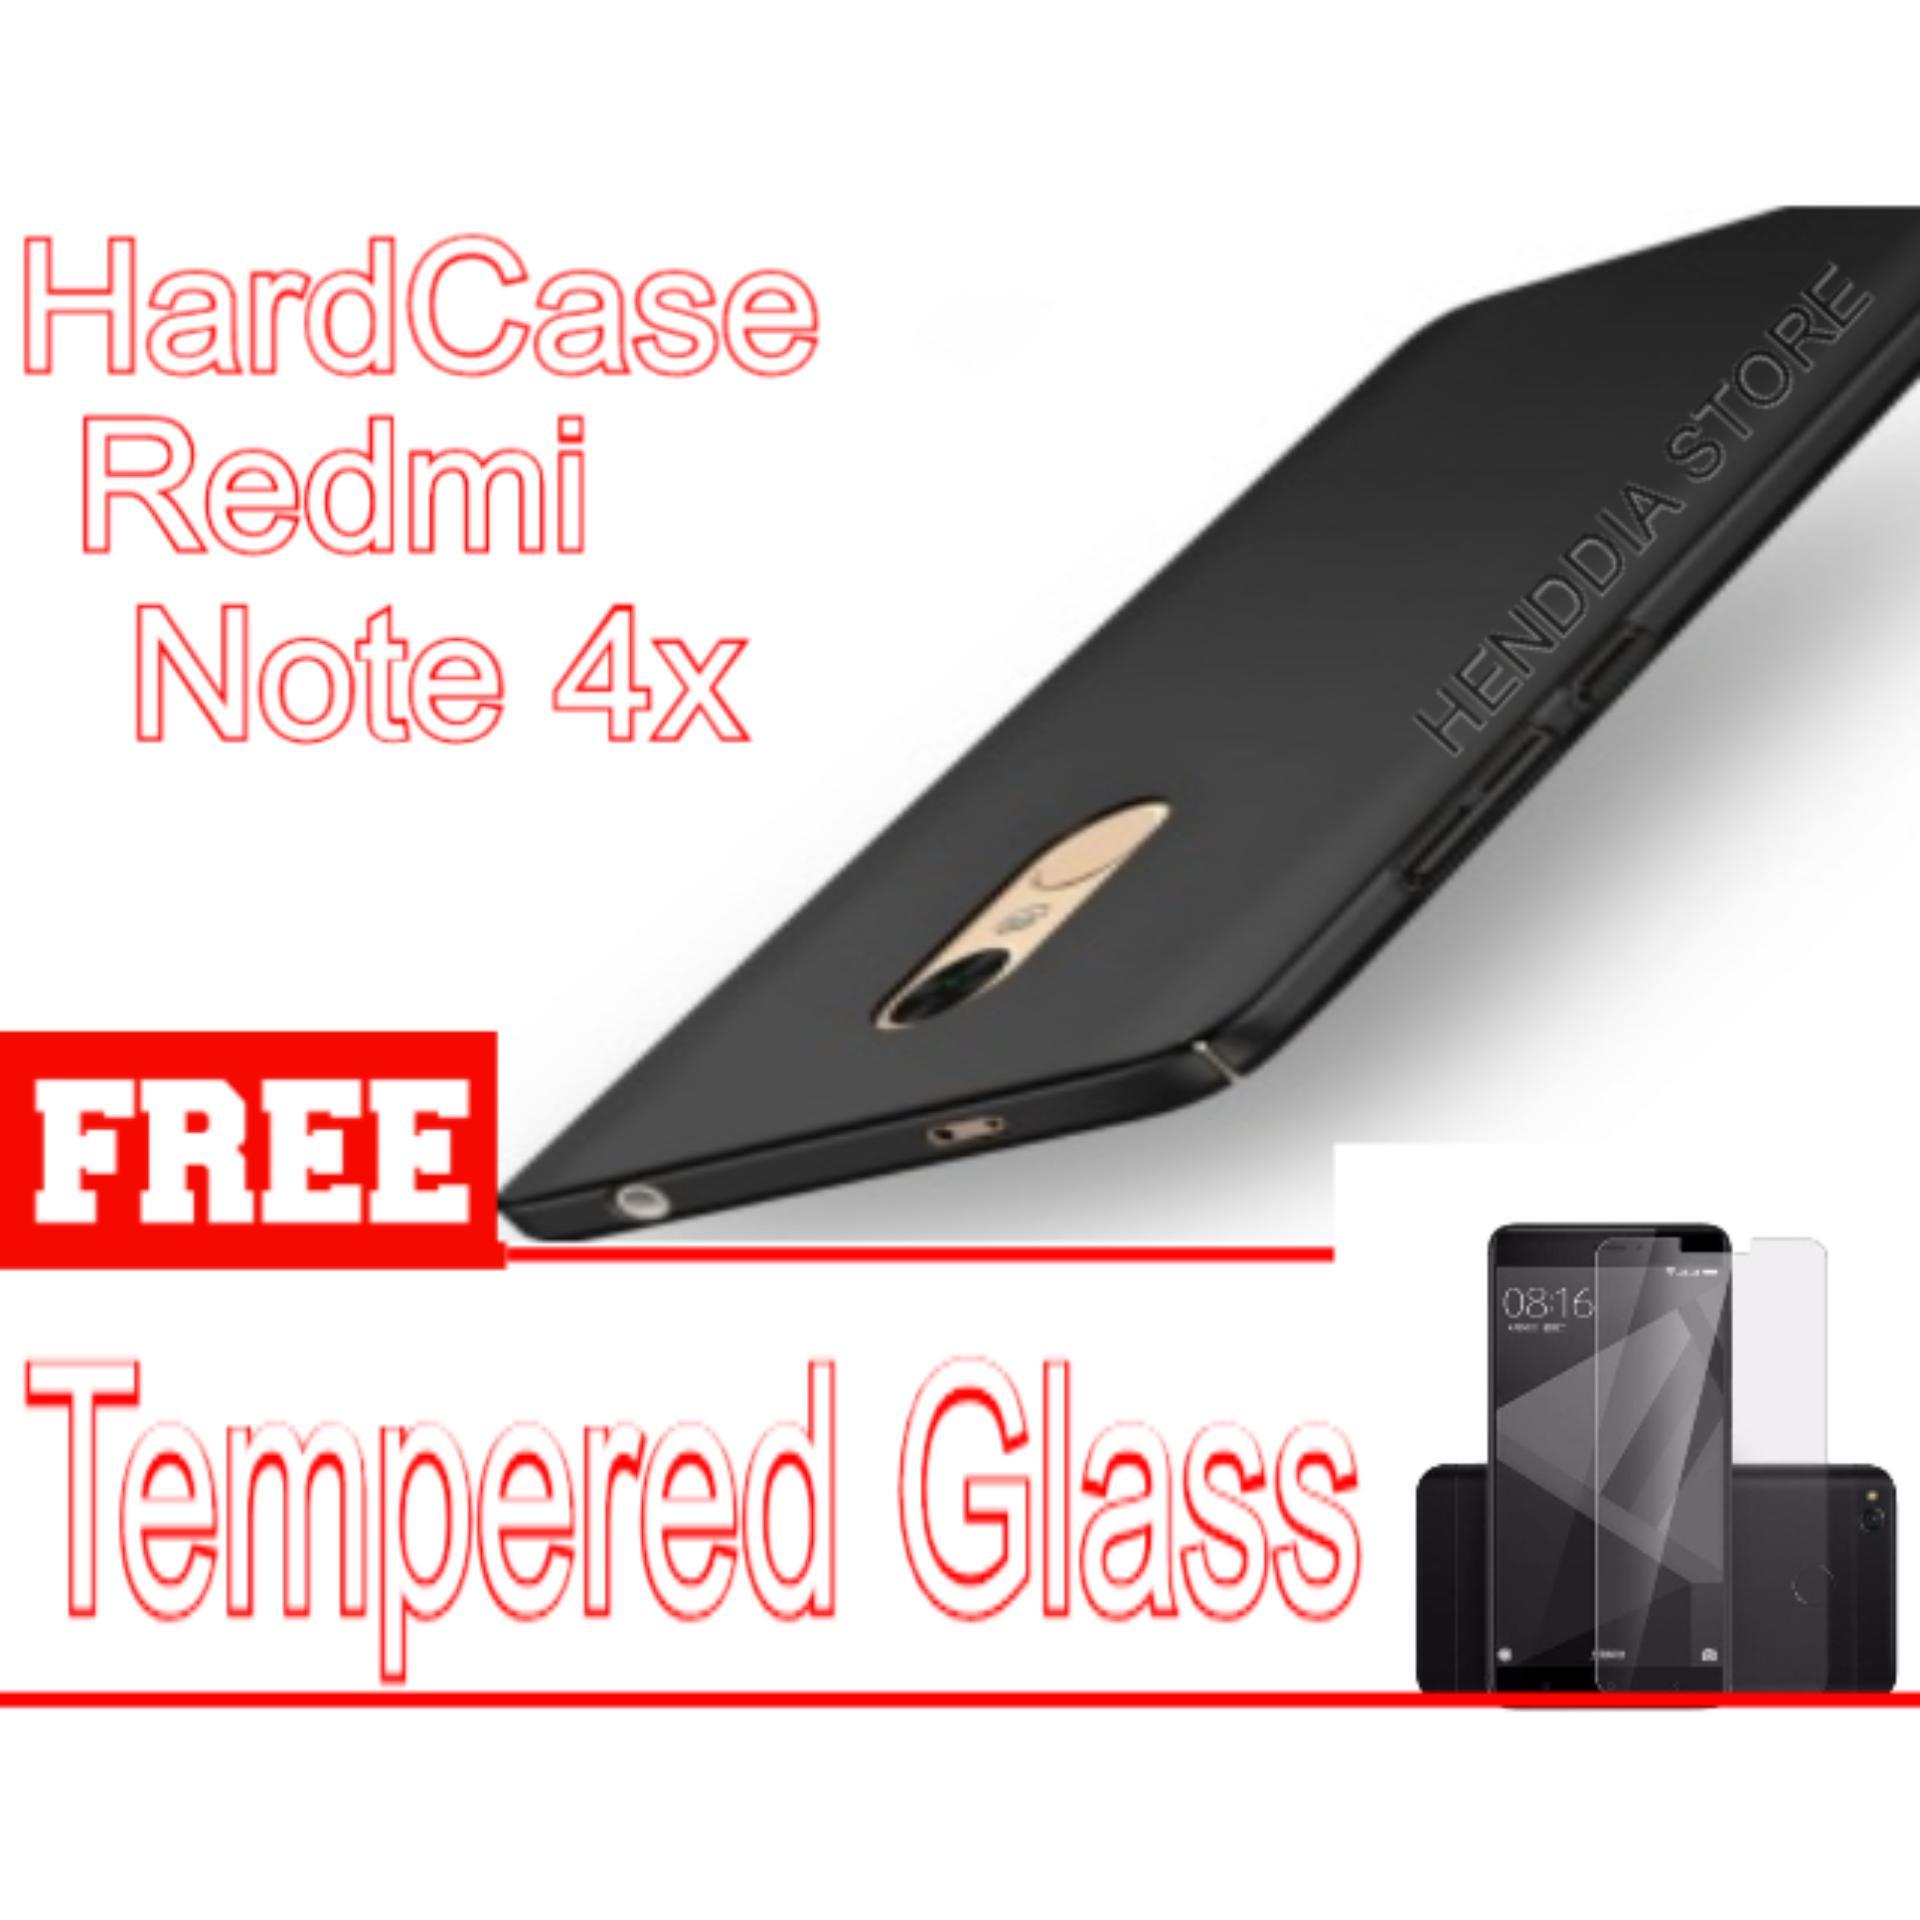 Hardcase Delckin Xiaomi Redmi Note 4x Free Tempered Glass Note 4x